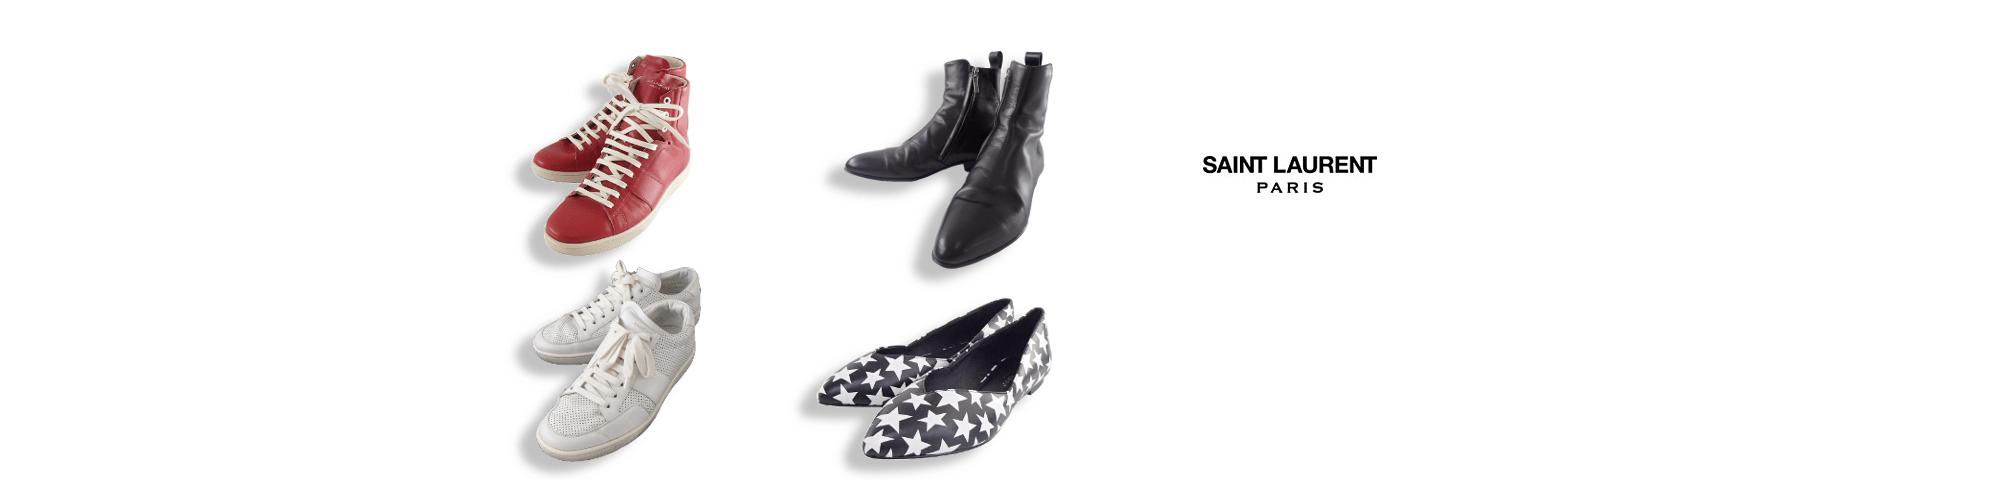 サンローランパリのサンローランパリ靴買取の高価買取ならお任せ下さい。